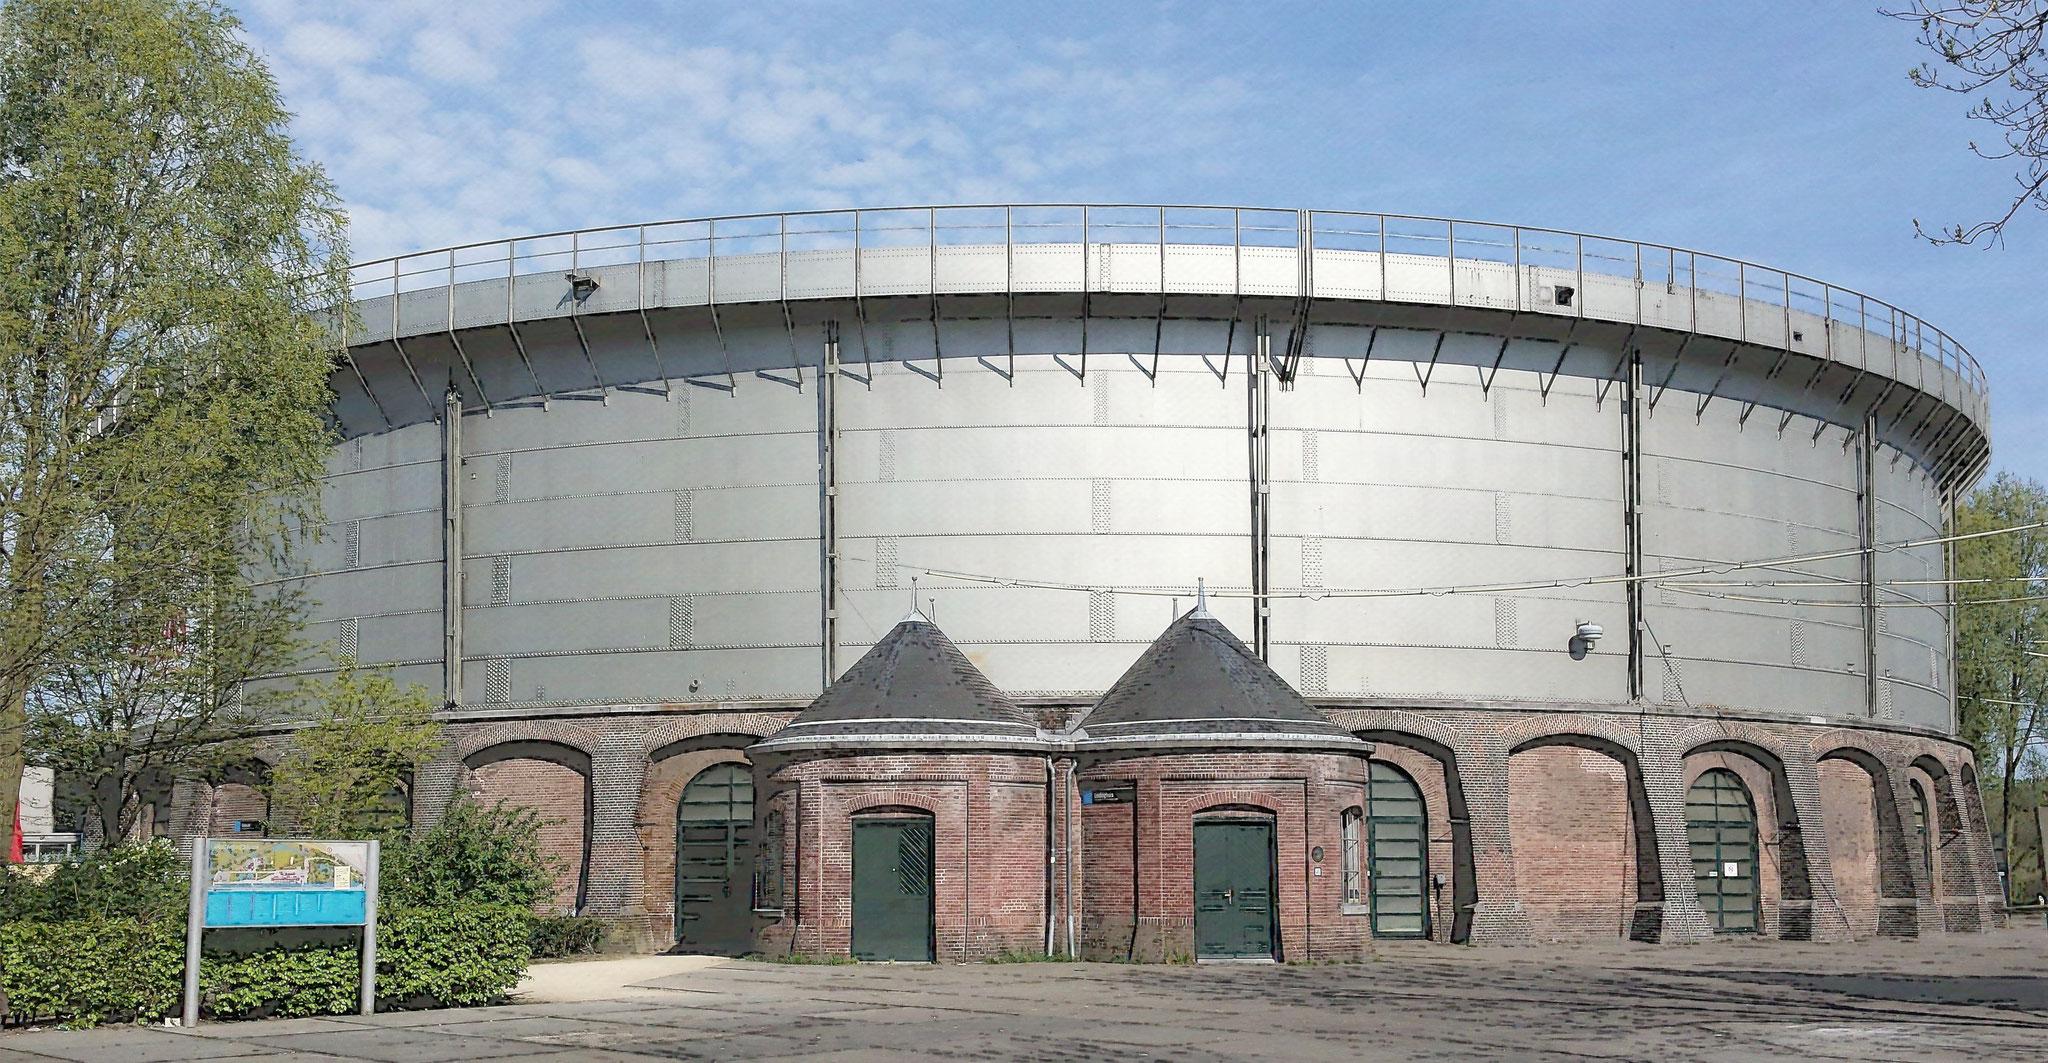 Gashouder Westergasfabriek